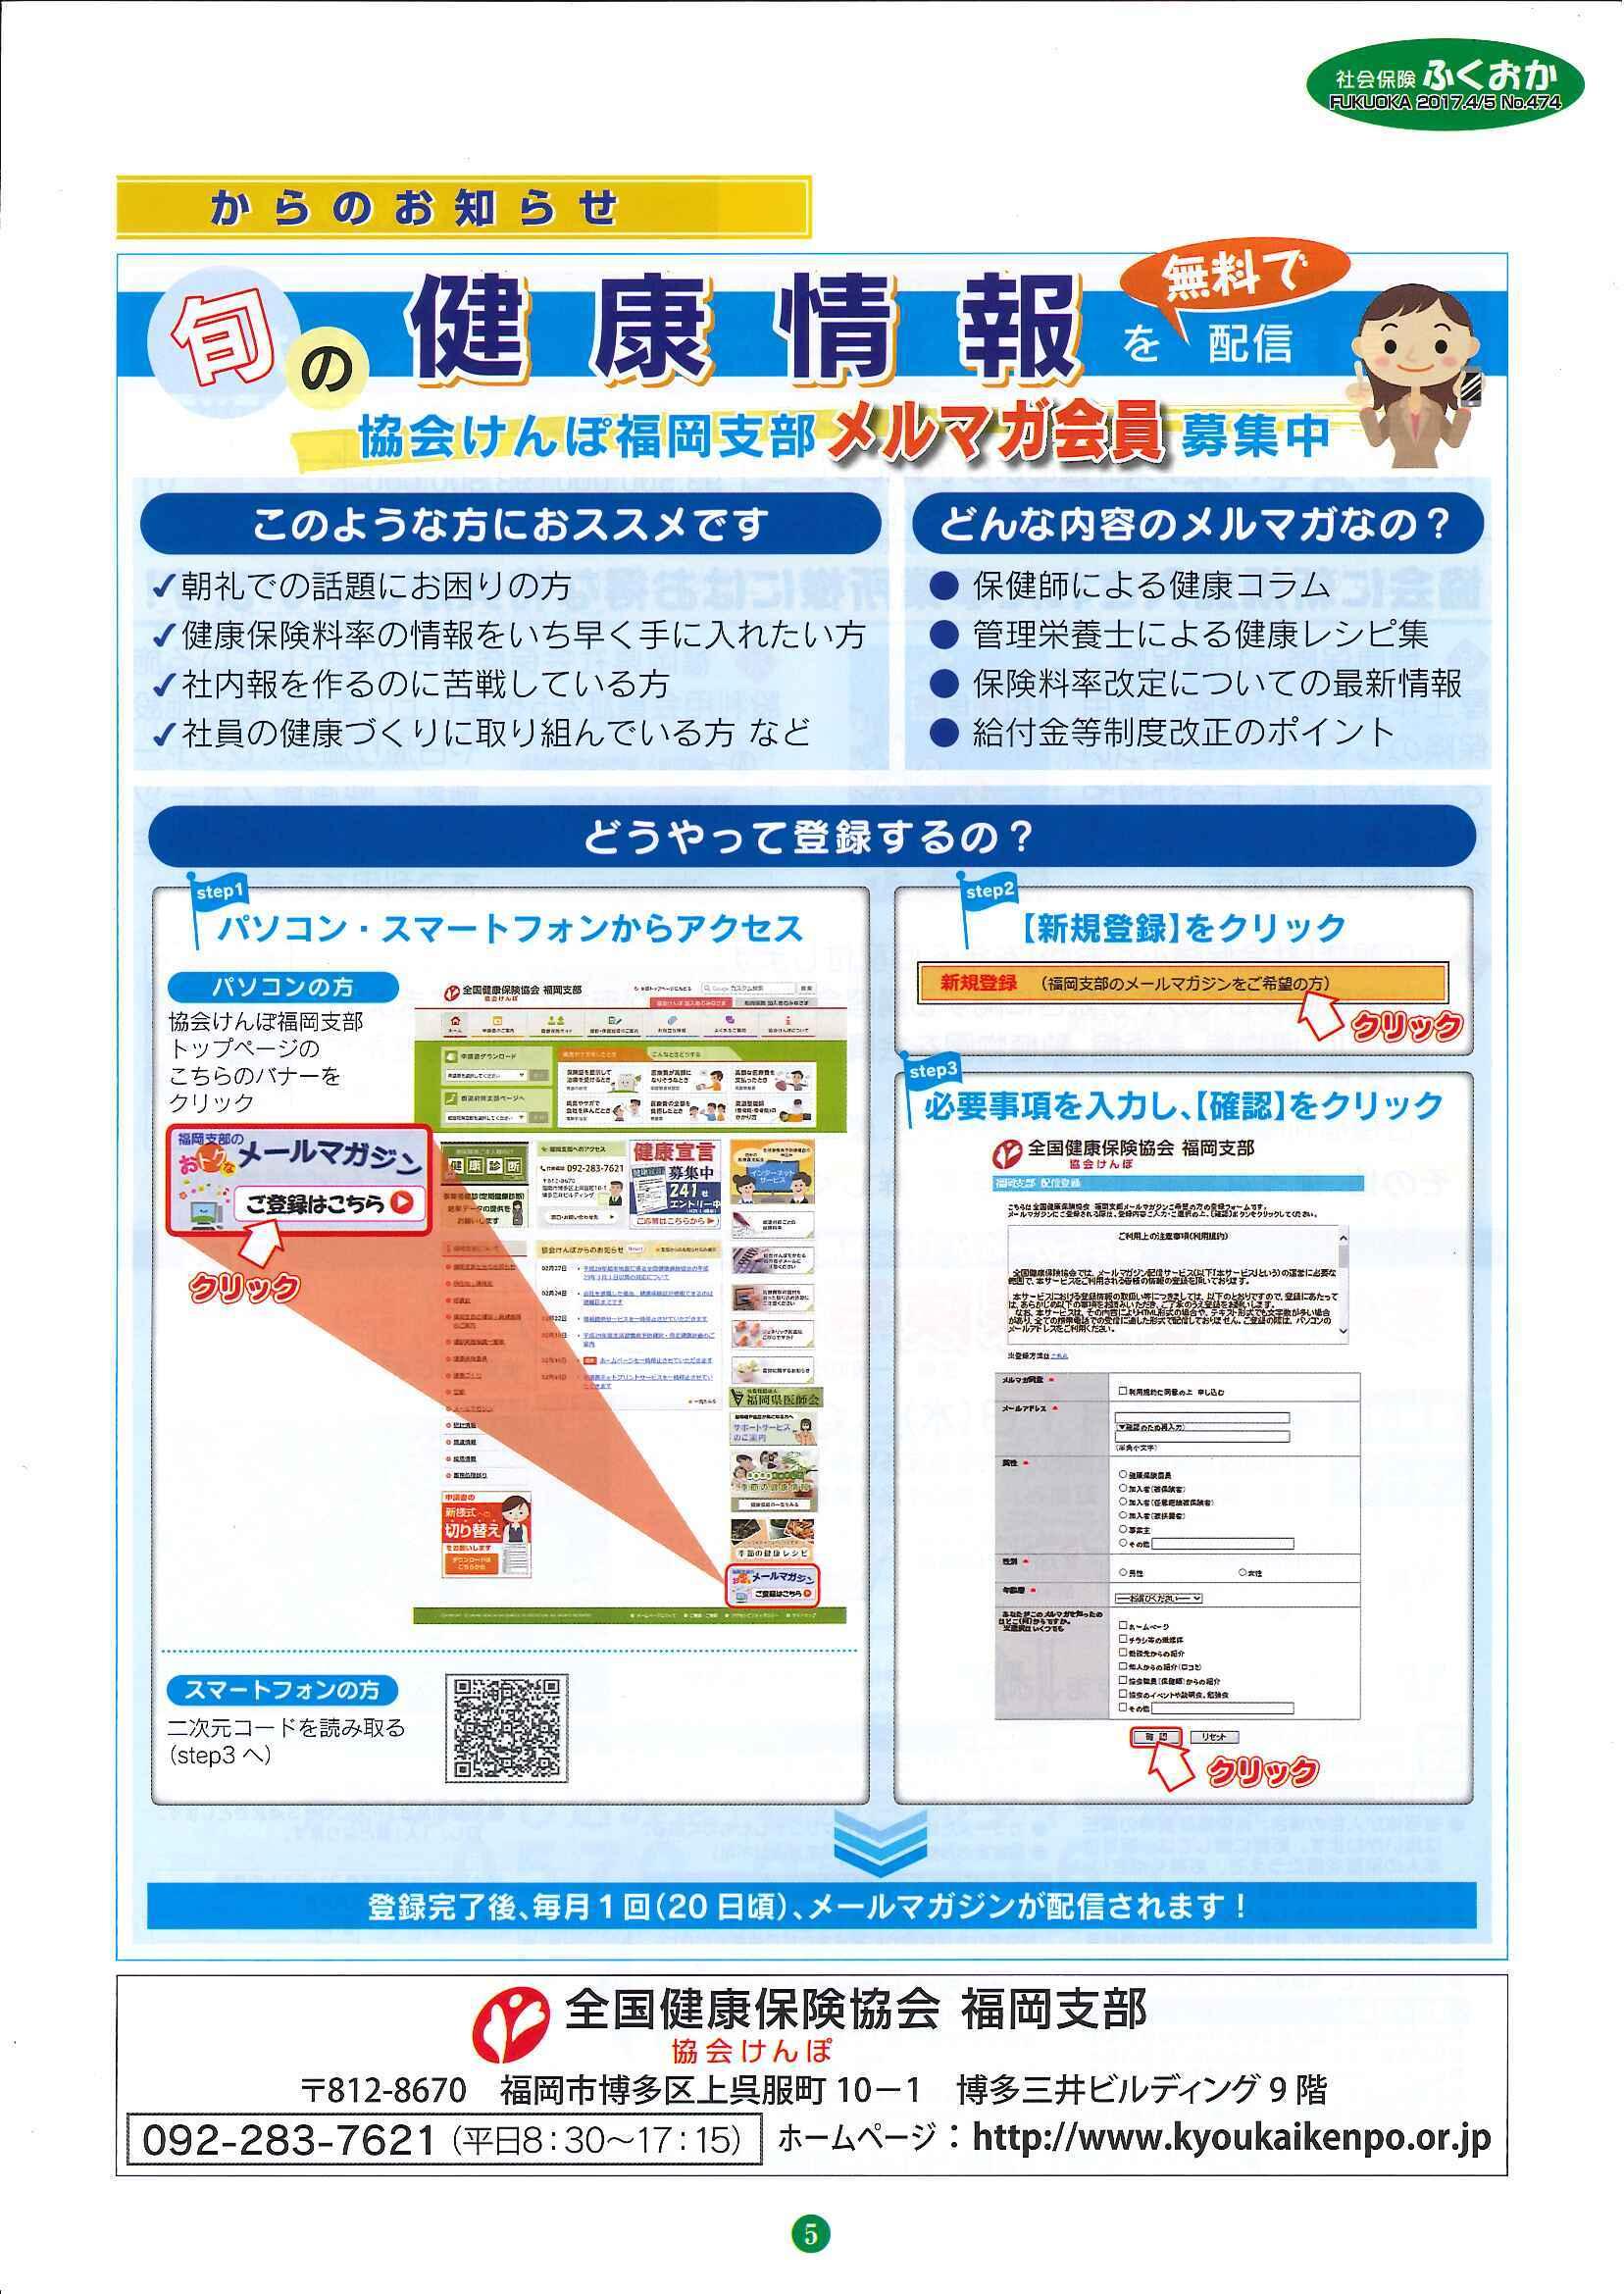 社会保険「ふくおか」2017年4・5月号_f0120774_15565013.jpg